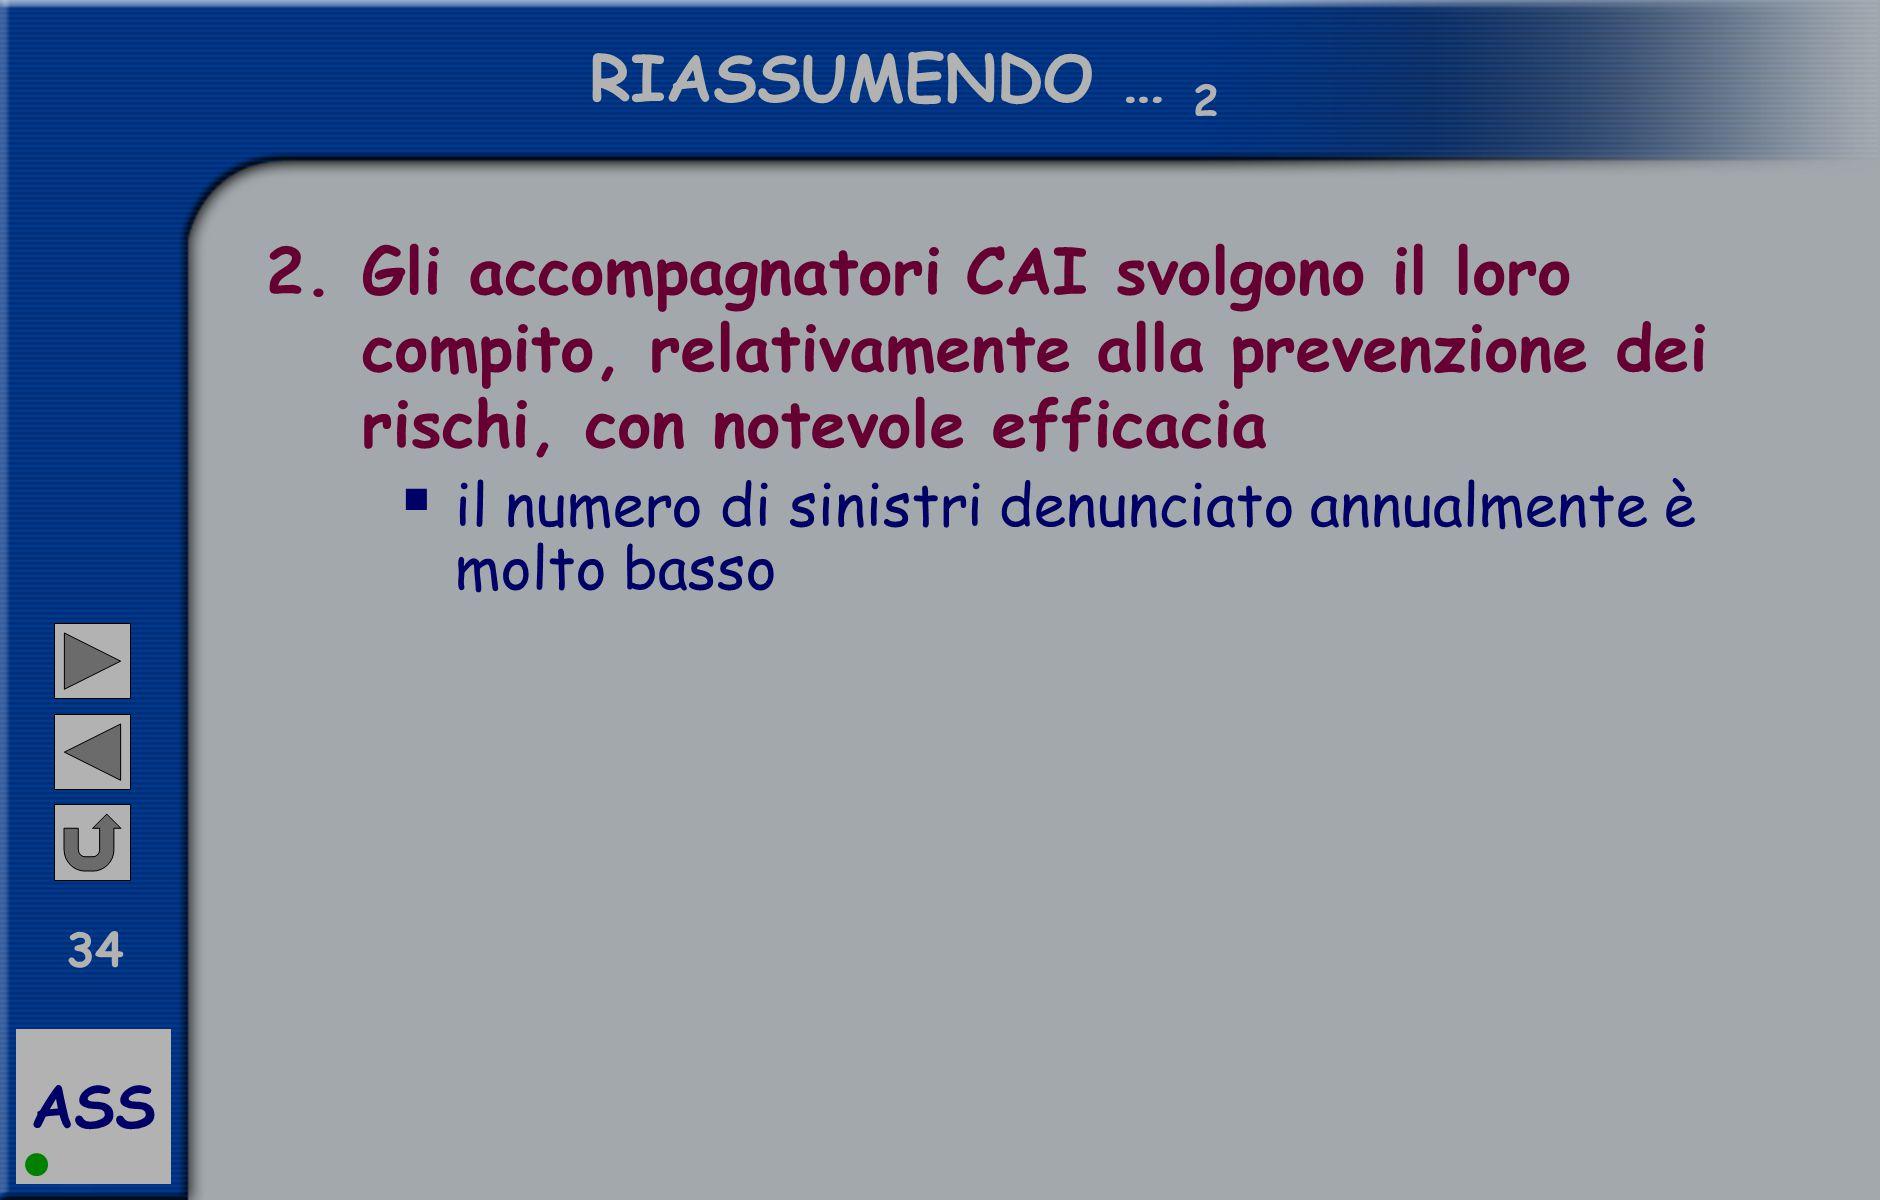 ASS 34 RIASSUMENDO … 2 2.Gli accompagnatori CAI svolgono il loro compito, relativamente alla prevenzione dei rischi, con notevole efficacia  il numero di sinistri denunciato annualmente è molto basso